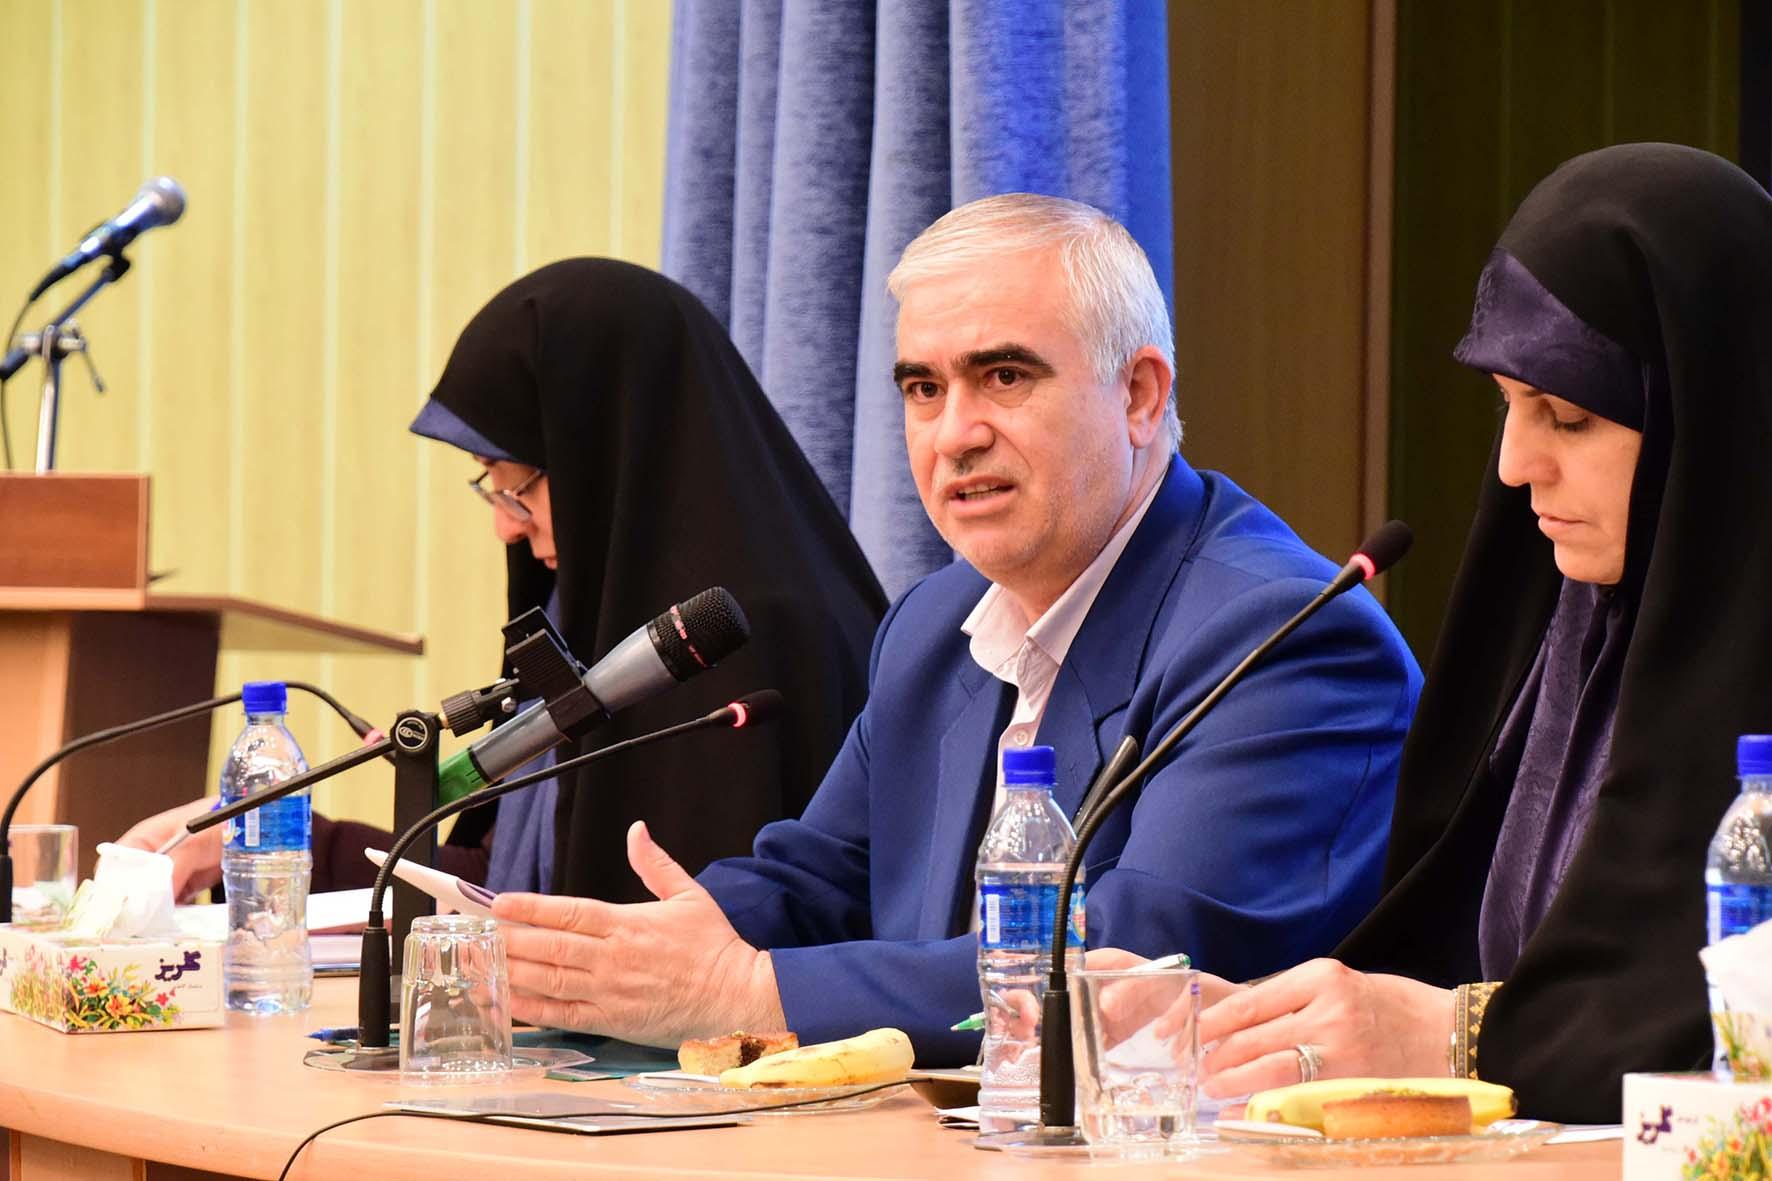 سفر معاون محترم رئيس جمهور در امور زنان و خانواده به استان (22 تير 96 )